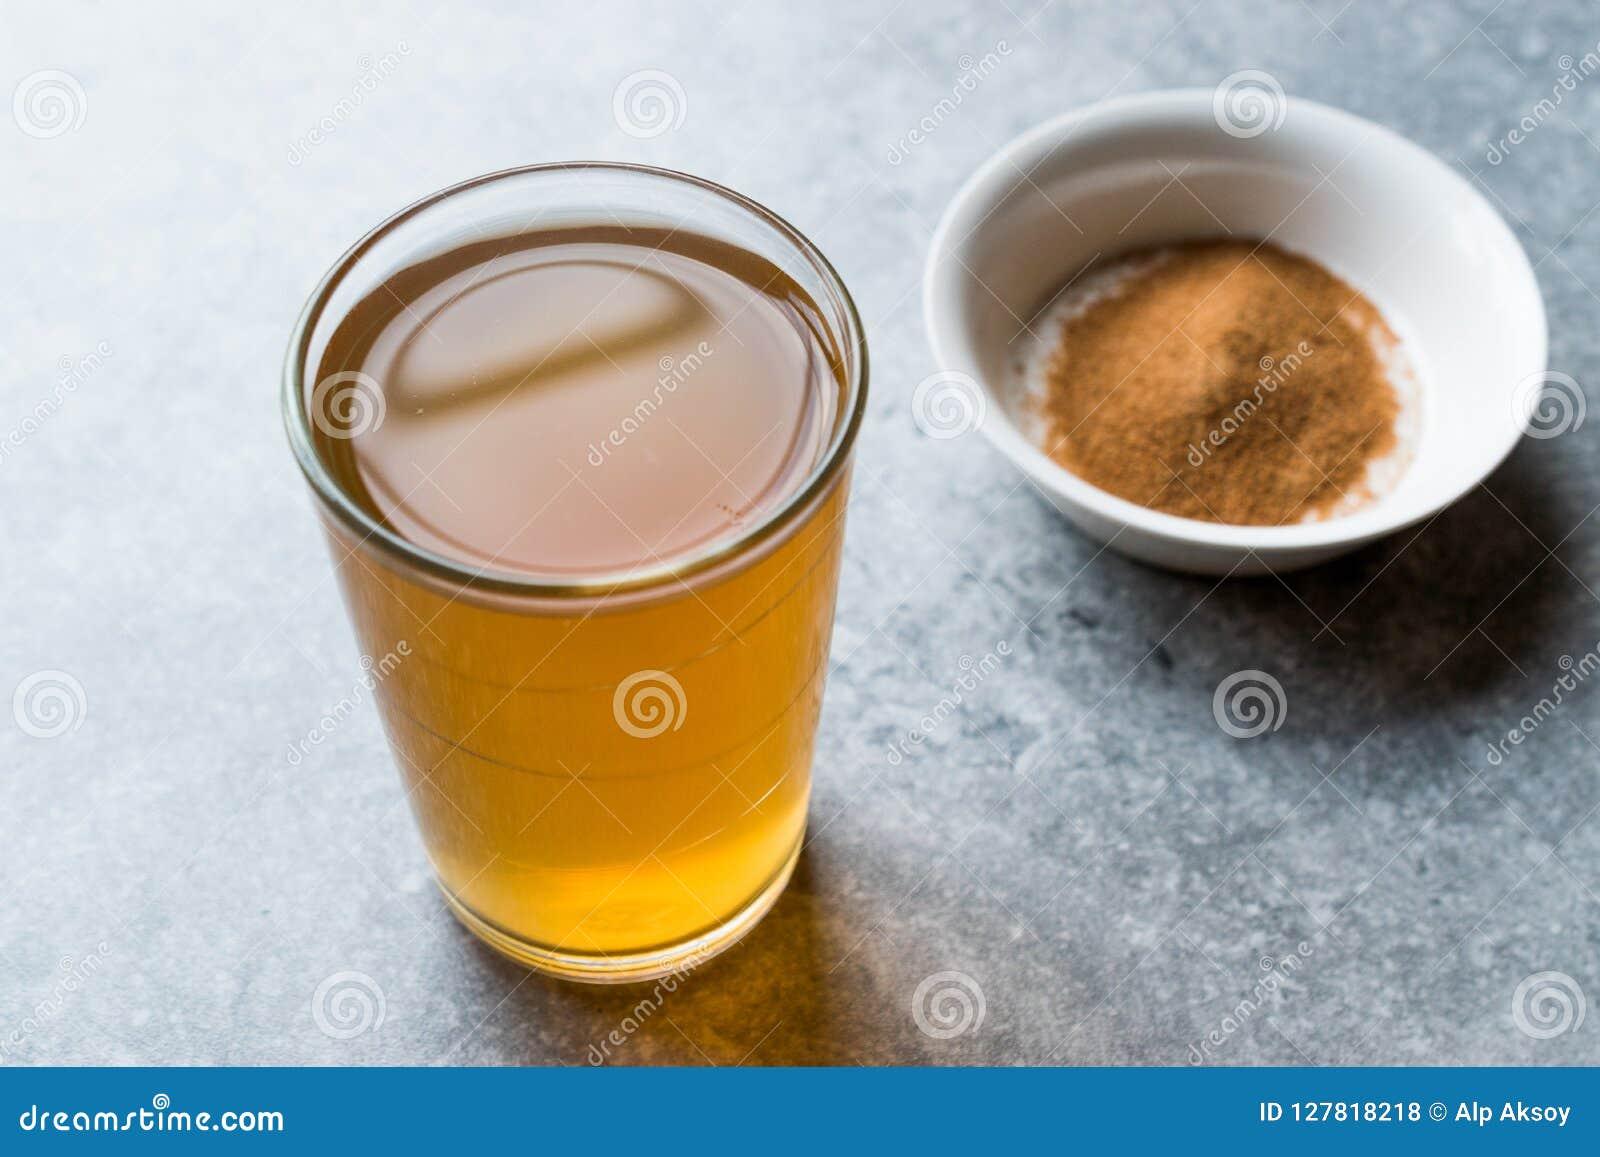 Skoncentrowany Ziołowej herbaty proszek dla żołądka Żołądkowego problemu, cytryny Doprawiających/